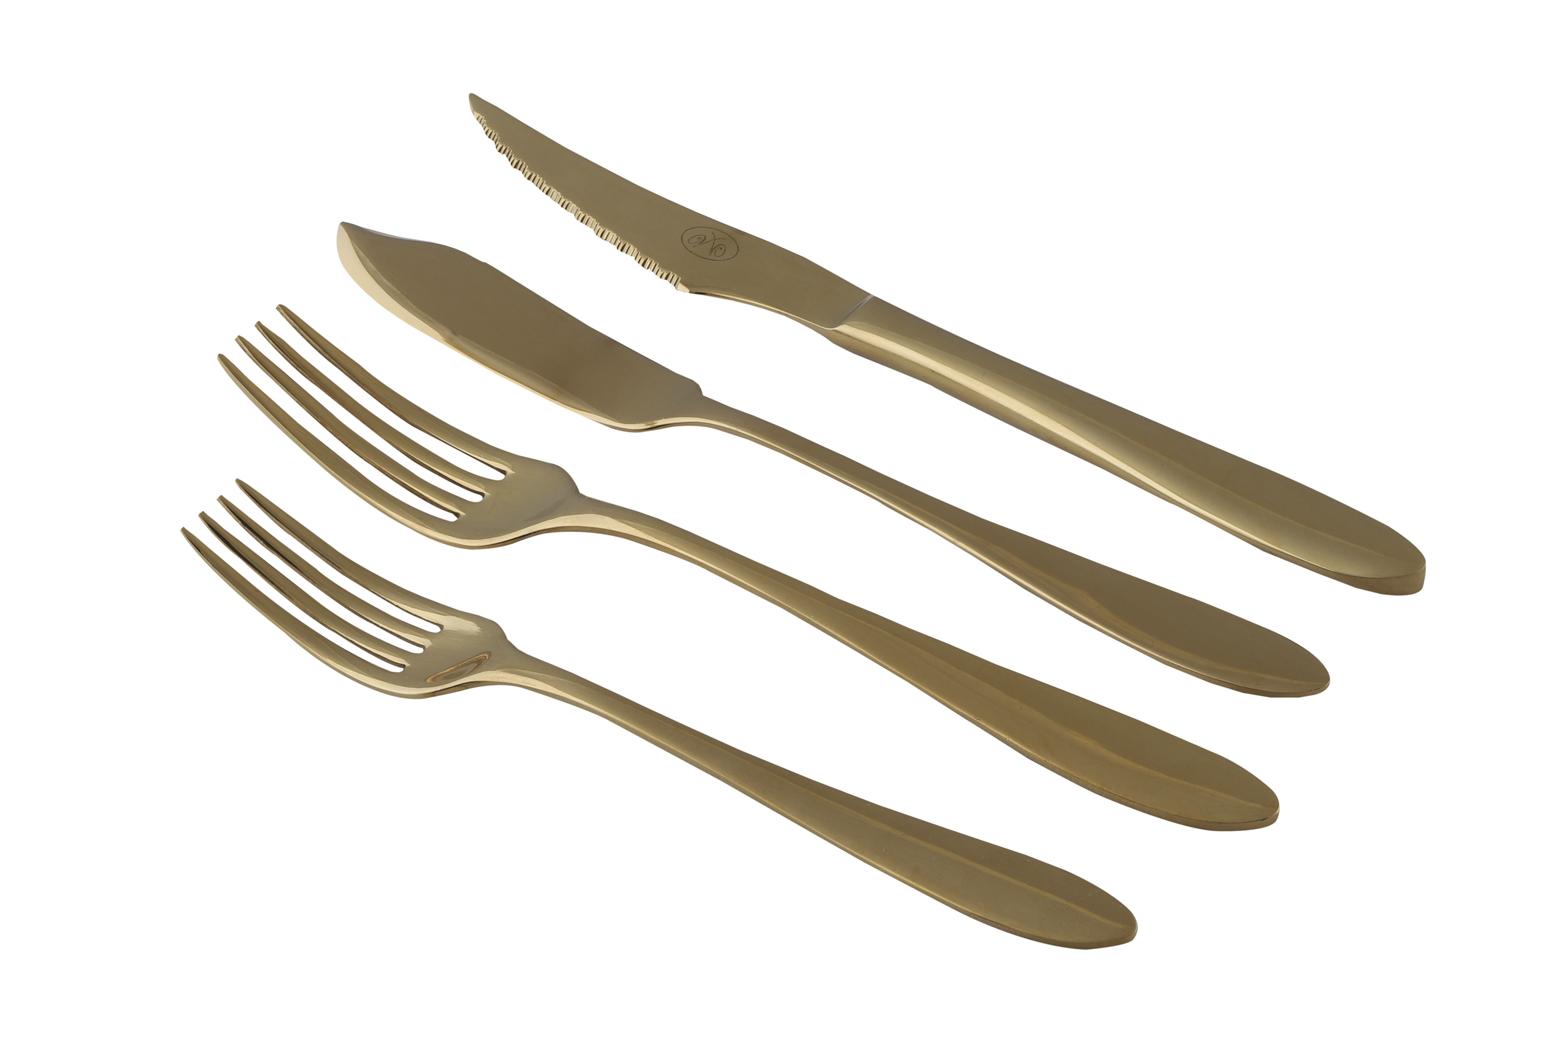 Tenedor postre, trinchero, pala pescado y cuchillo dorados